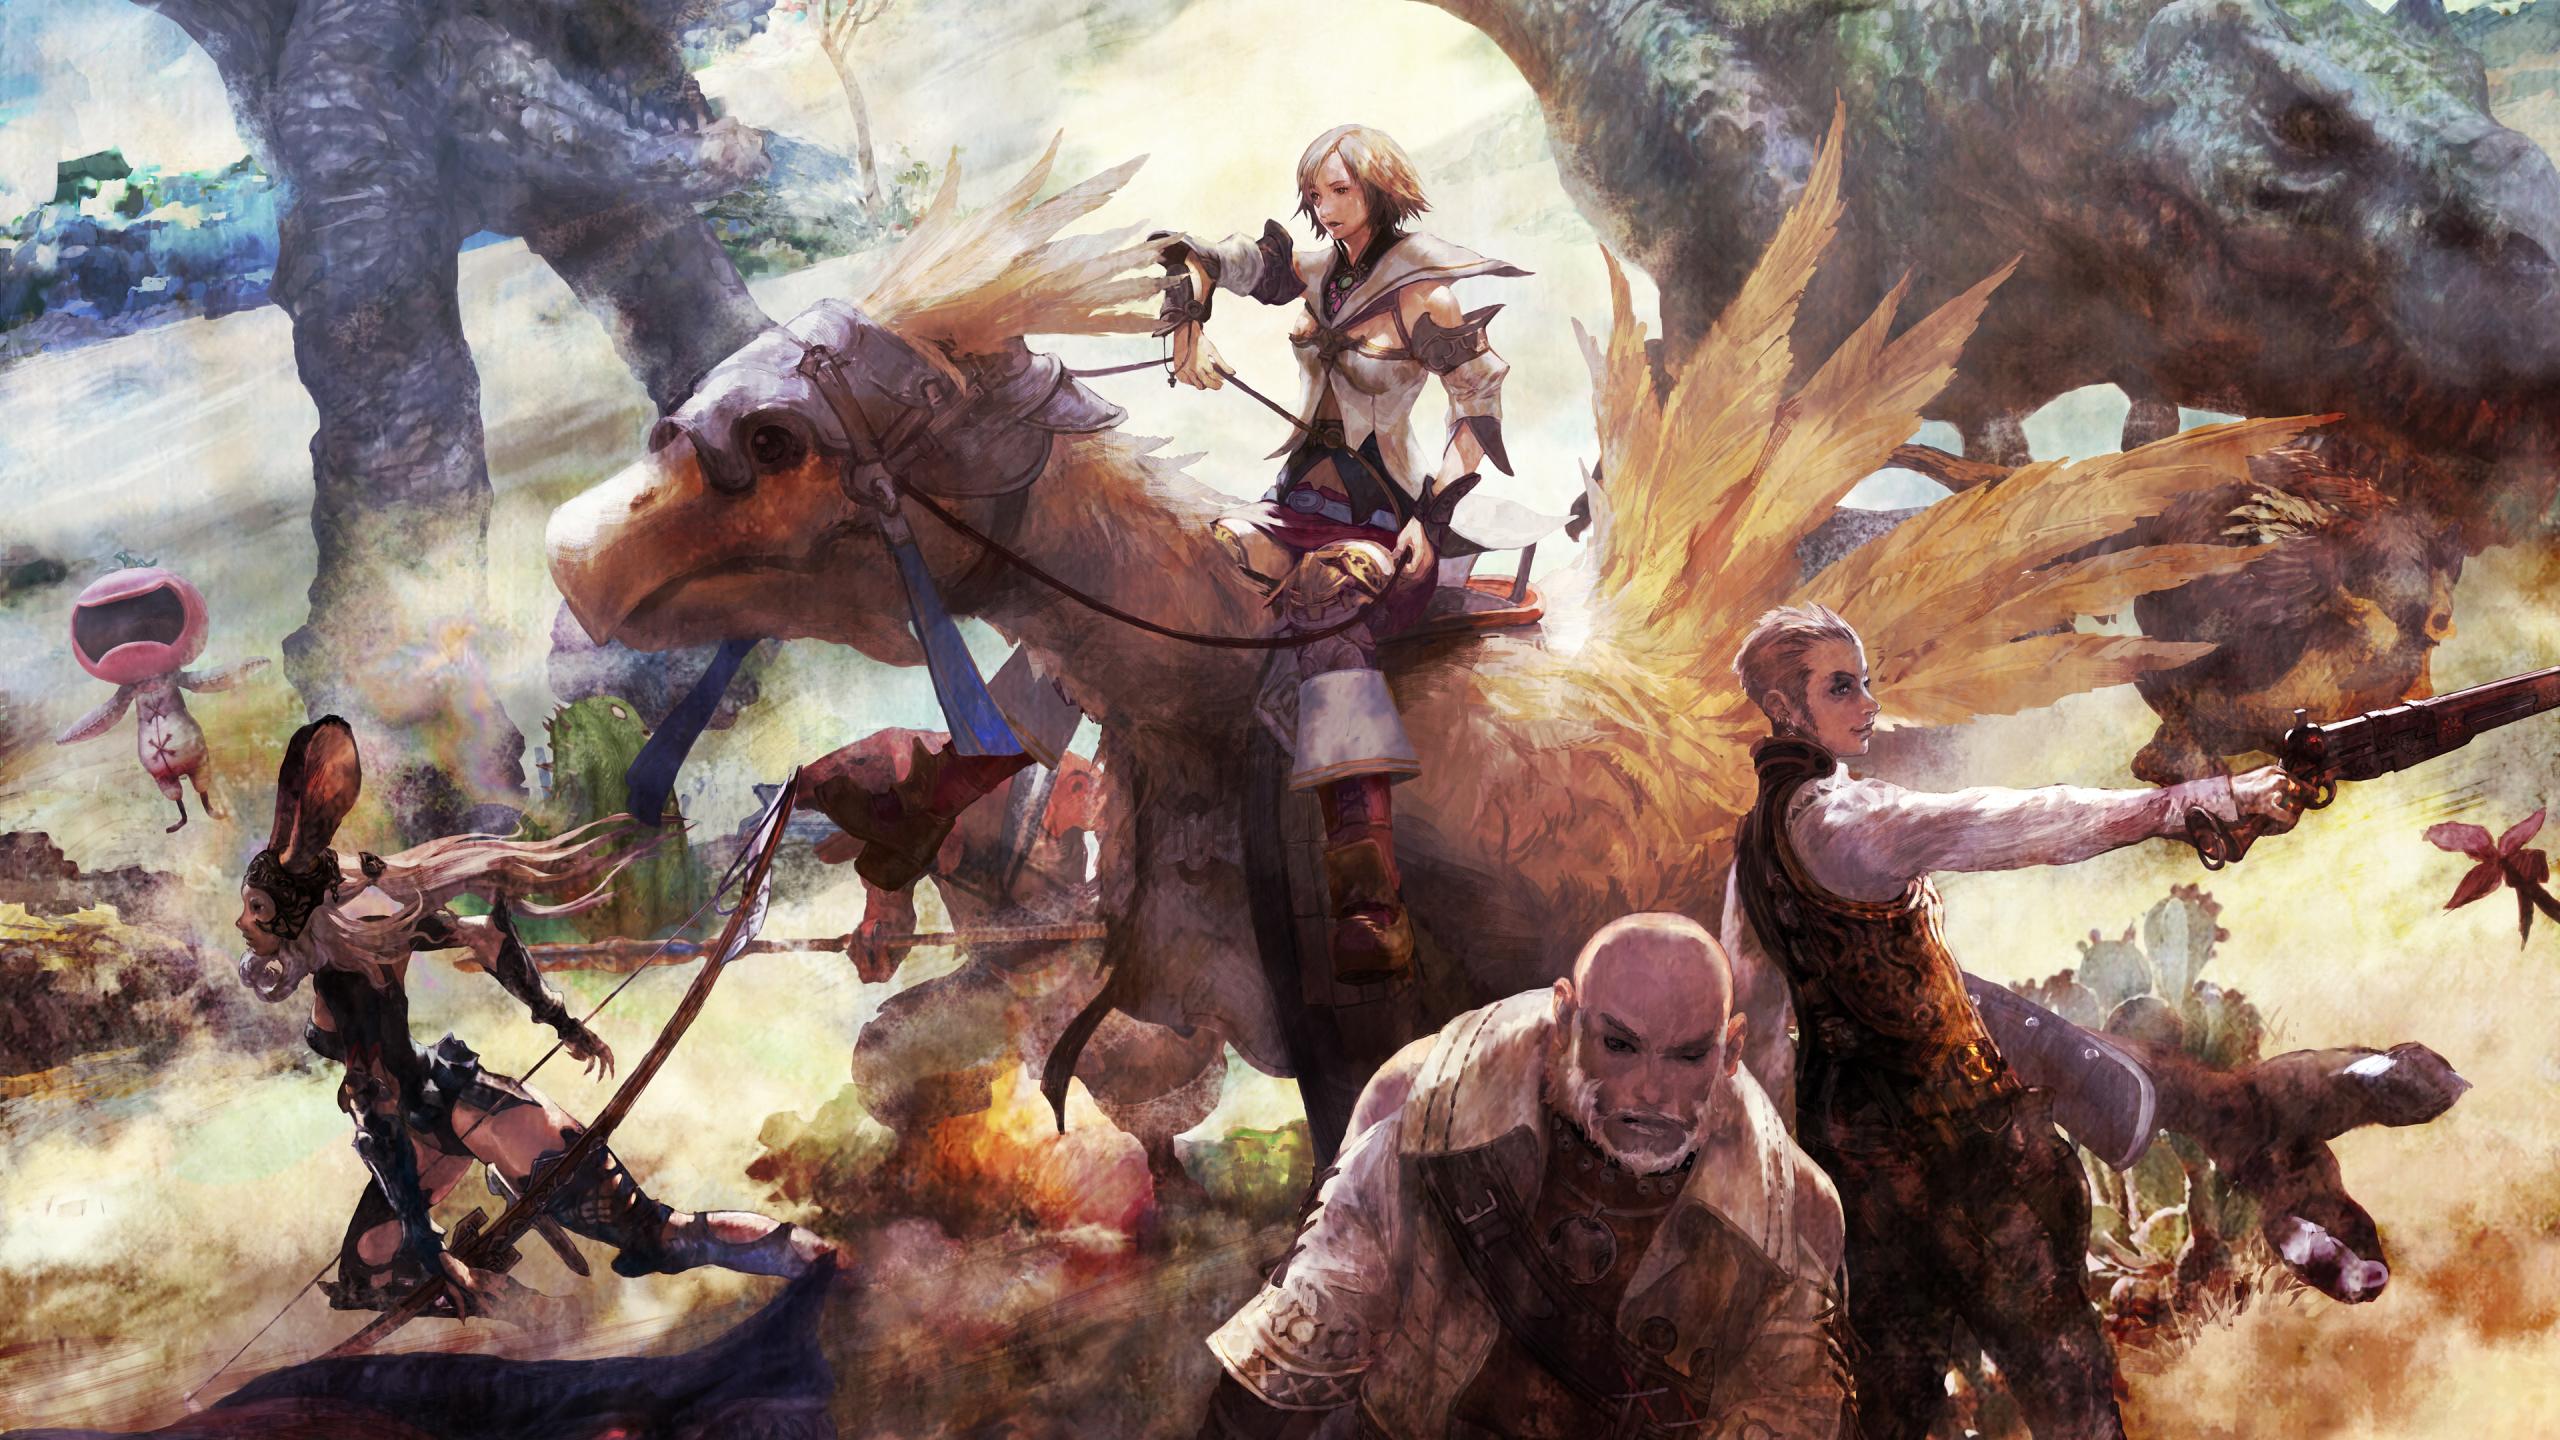 final fantasy xii the zodiac